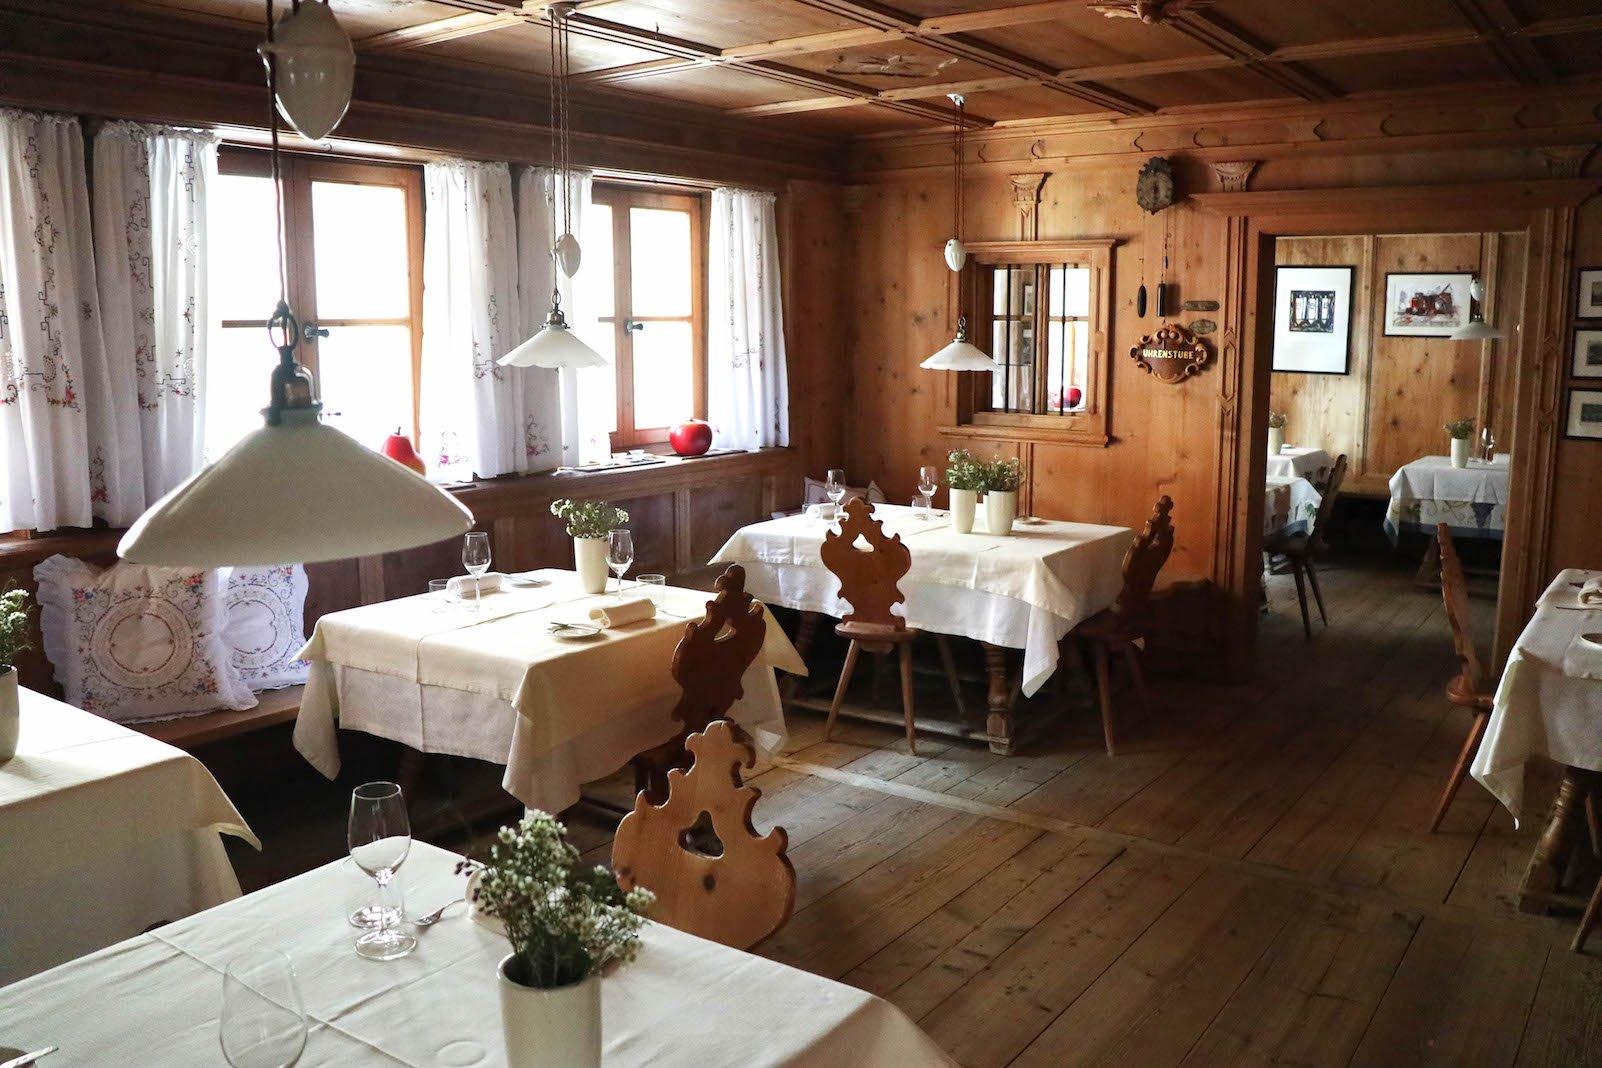 Merlotstube im Hotel Tanzer - für Feinschmecker!